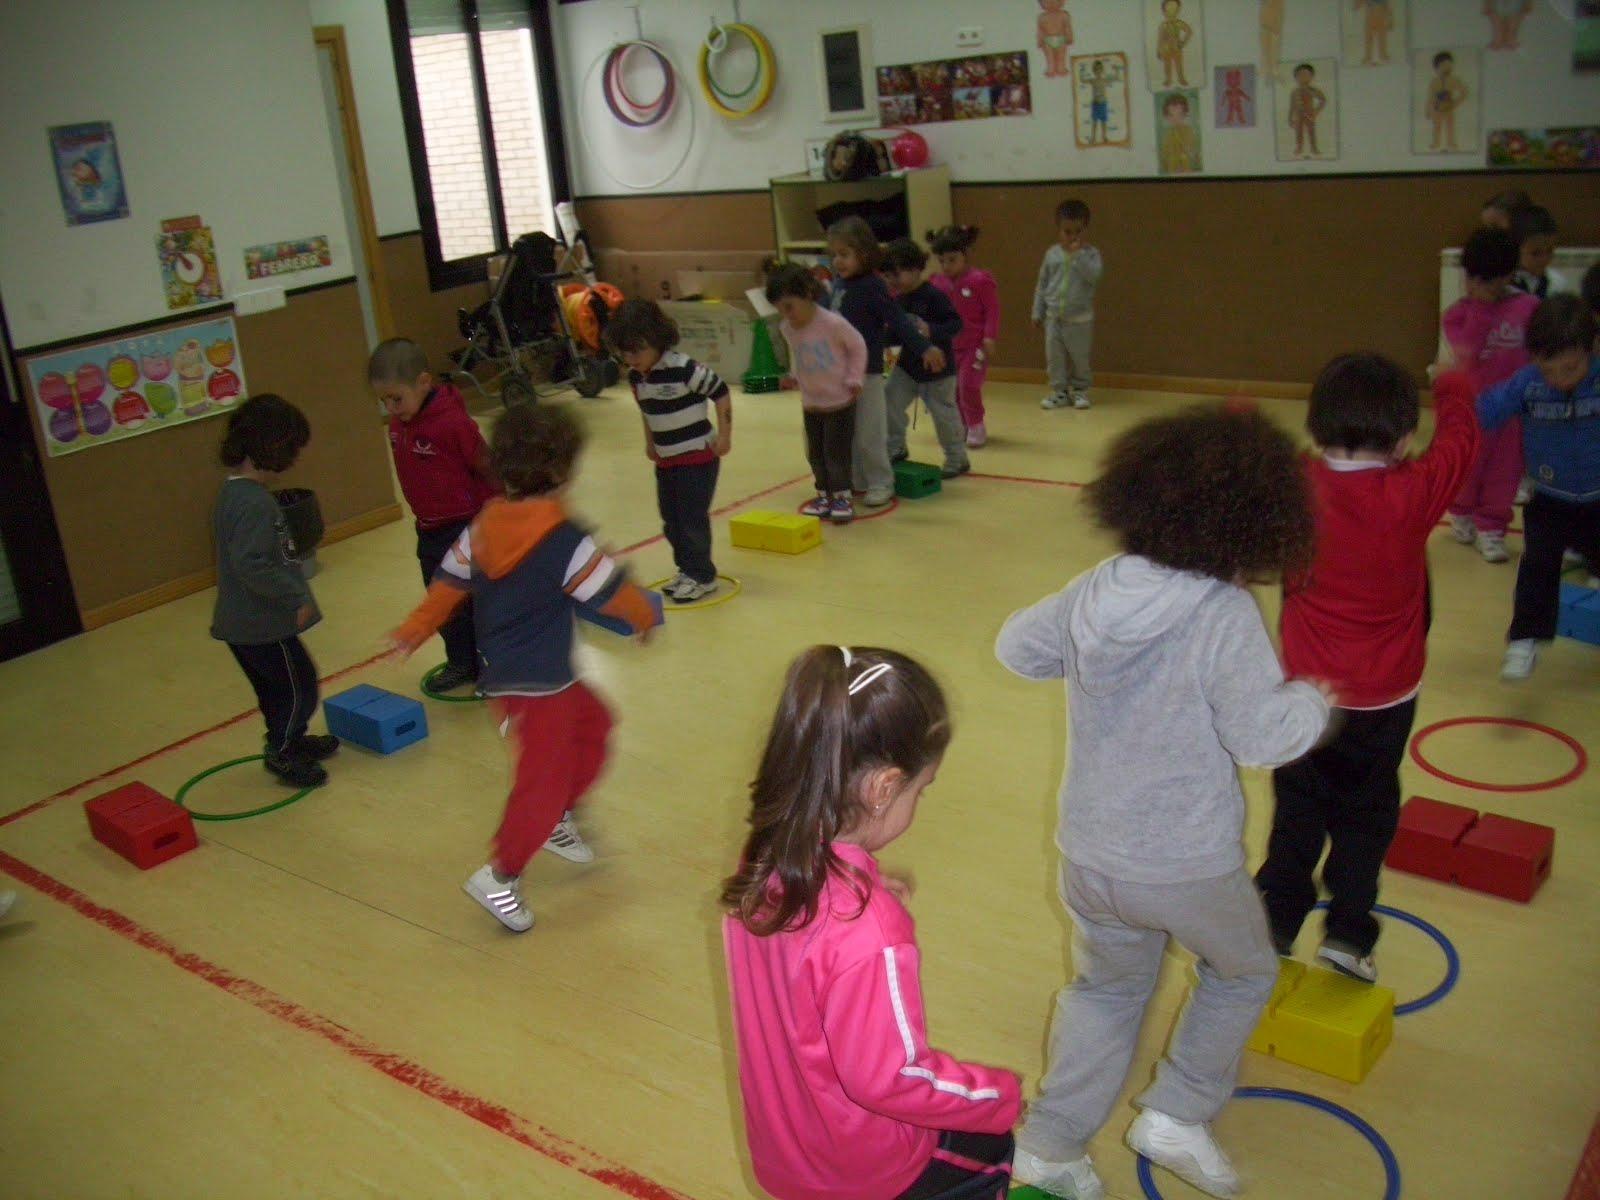 Quijotes y dulcineas andantes psicomotricidad 3 a os a for Actividades para jardin maternal sala de 2